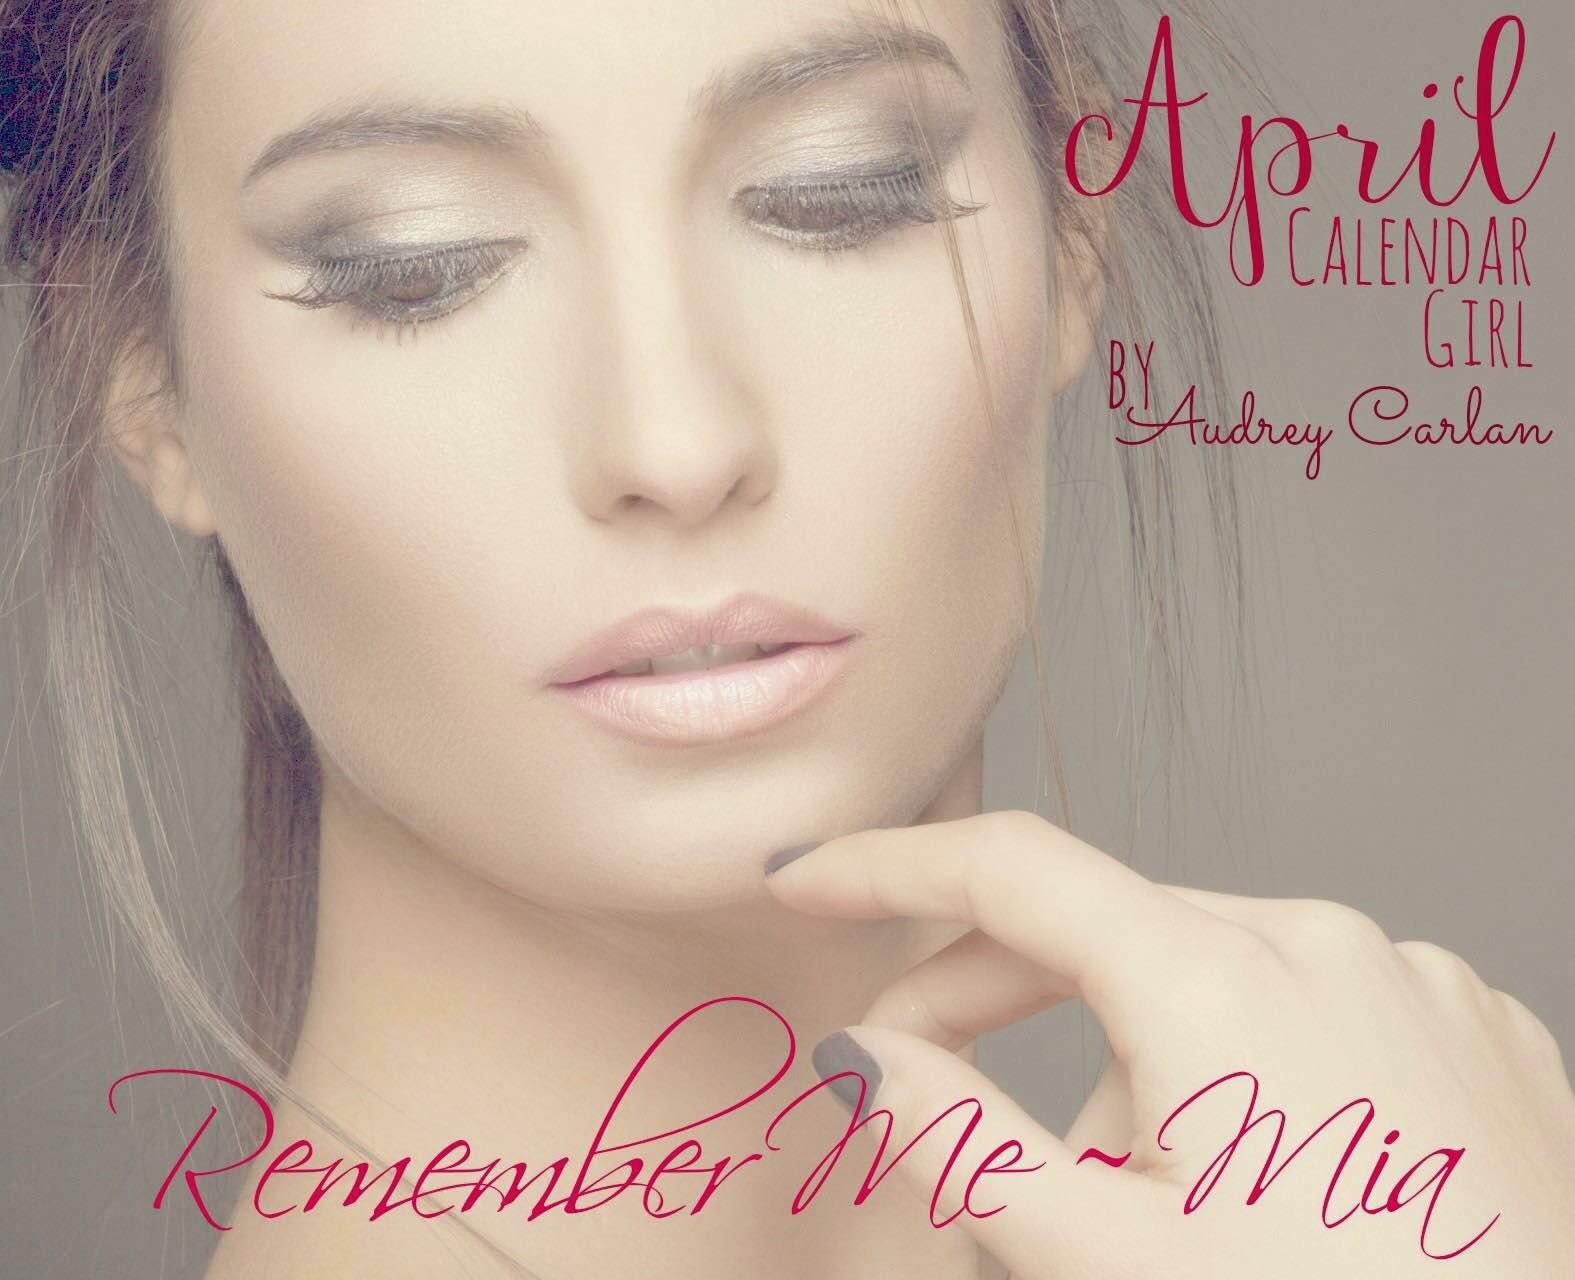 Calendar Girl April Read : April calendar girl by audrey carlan review giveaway